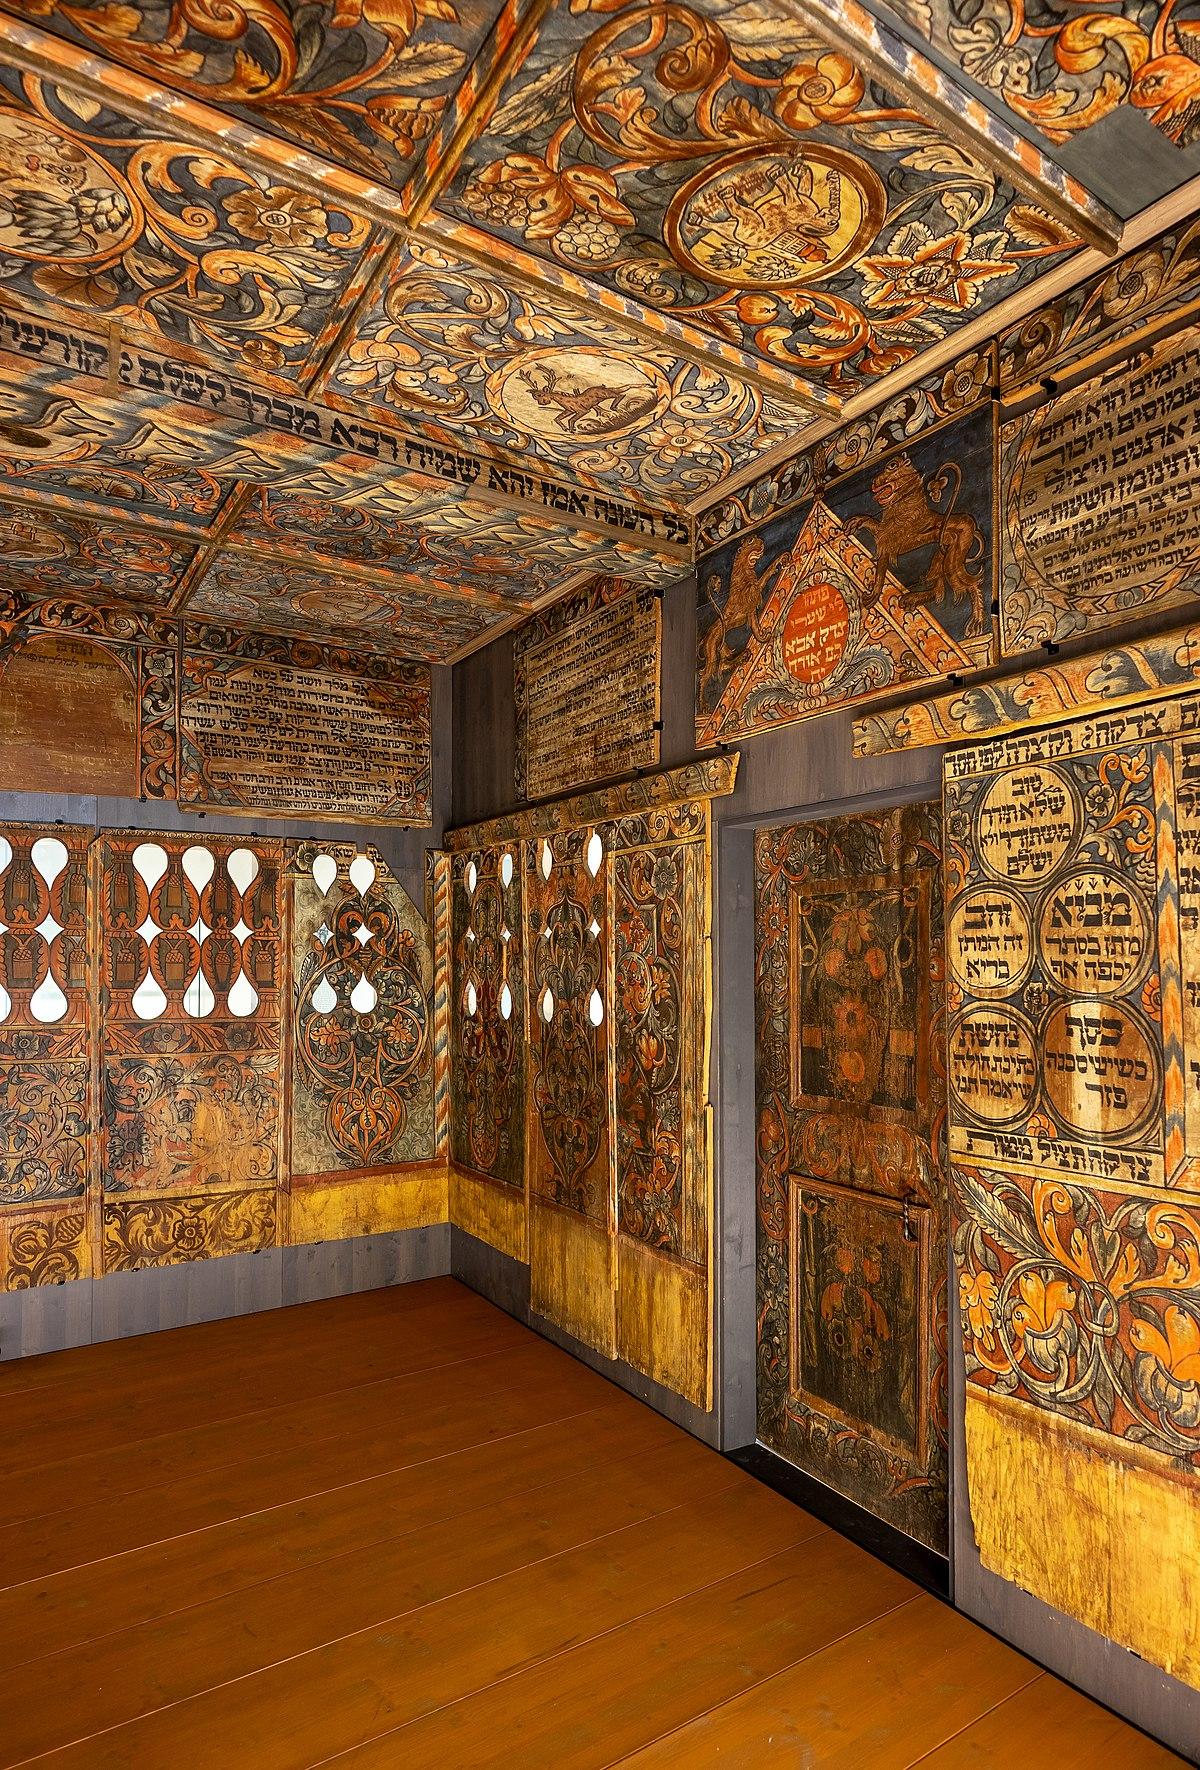 Datei Schwäbisch Hall Hällisch Fränkisches Museum Vertäfelung Der Unterlimpurger Synagoge Rechts Jpg Wikipedia